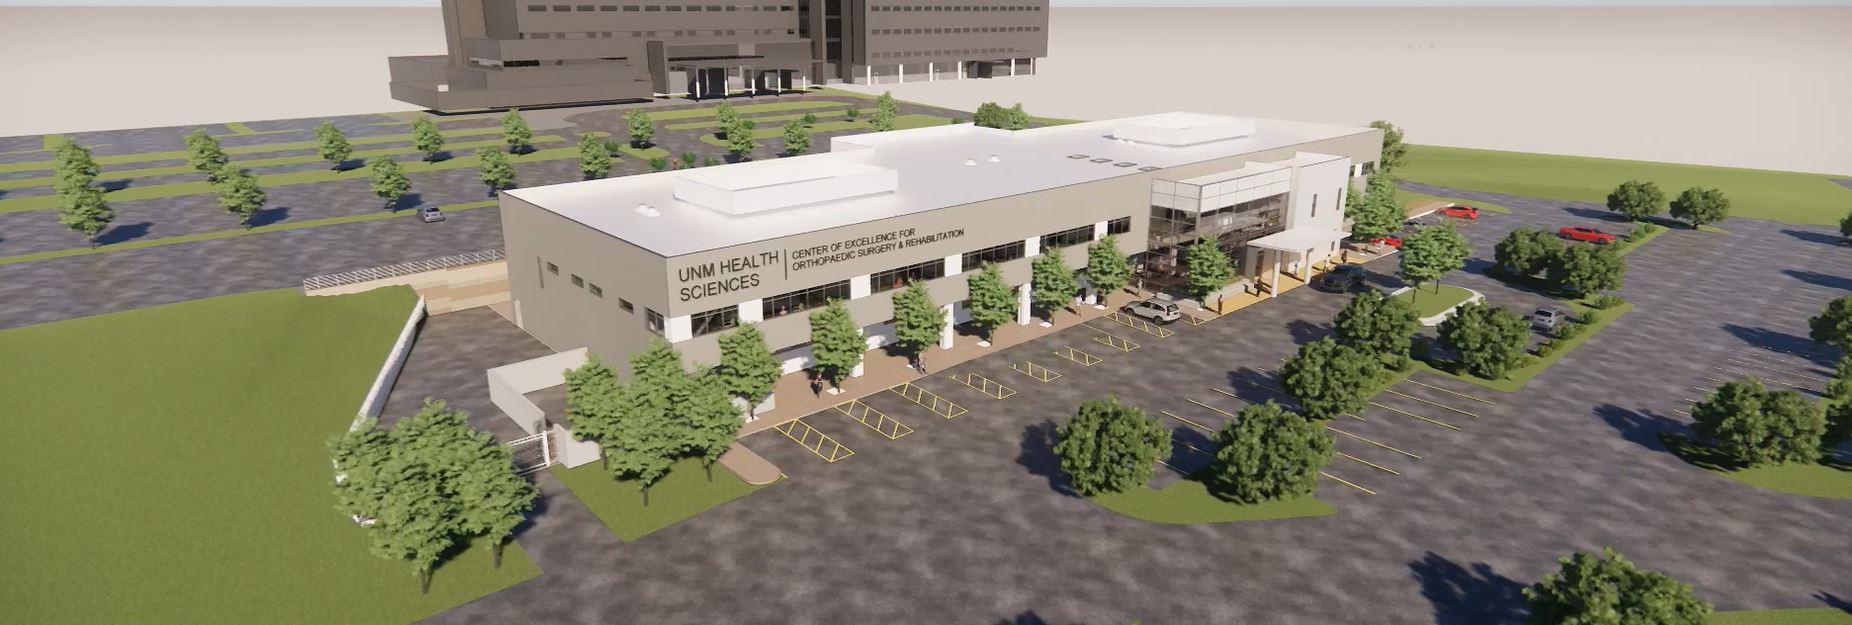 新墨西哥大学骨科手术与康复卓越中心的概念图